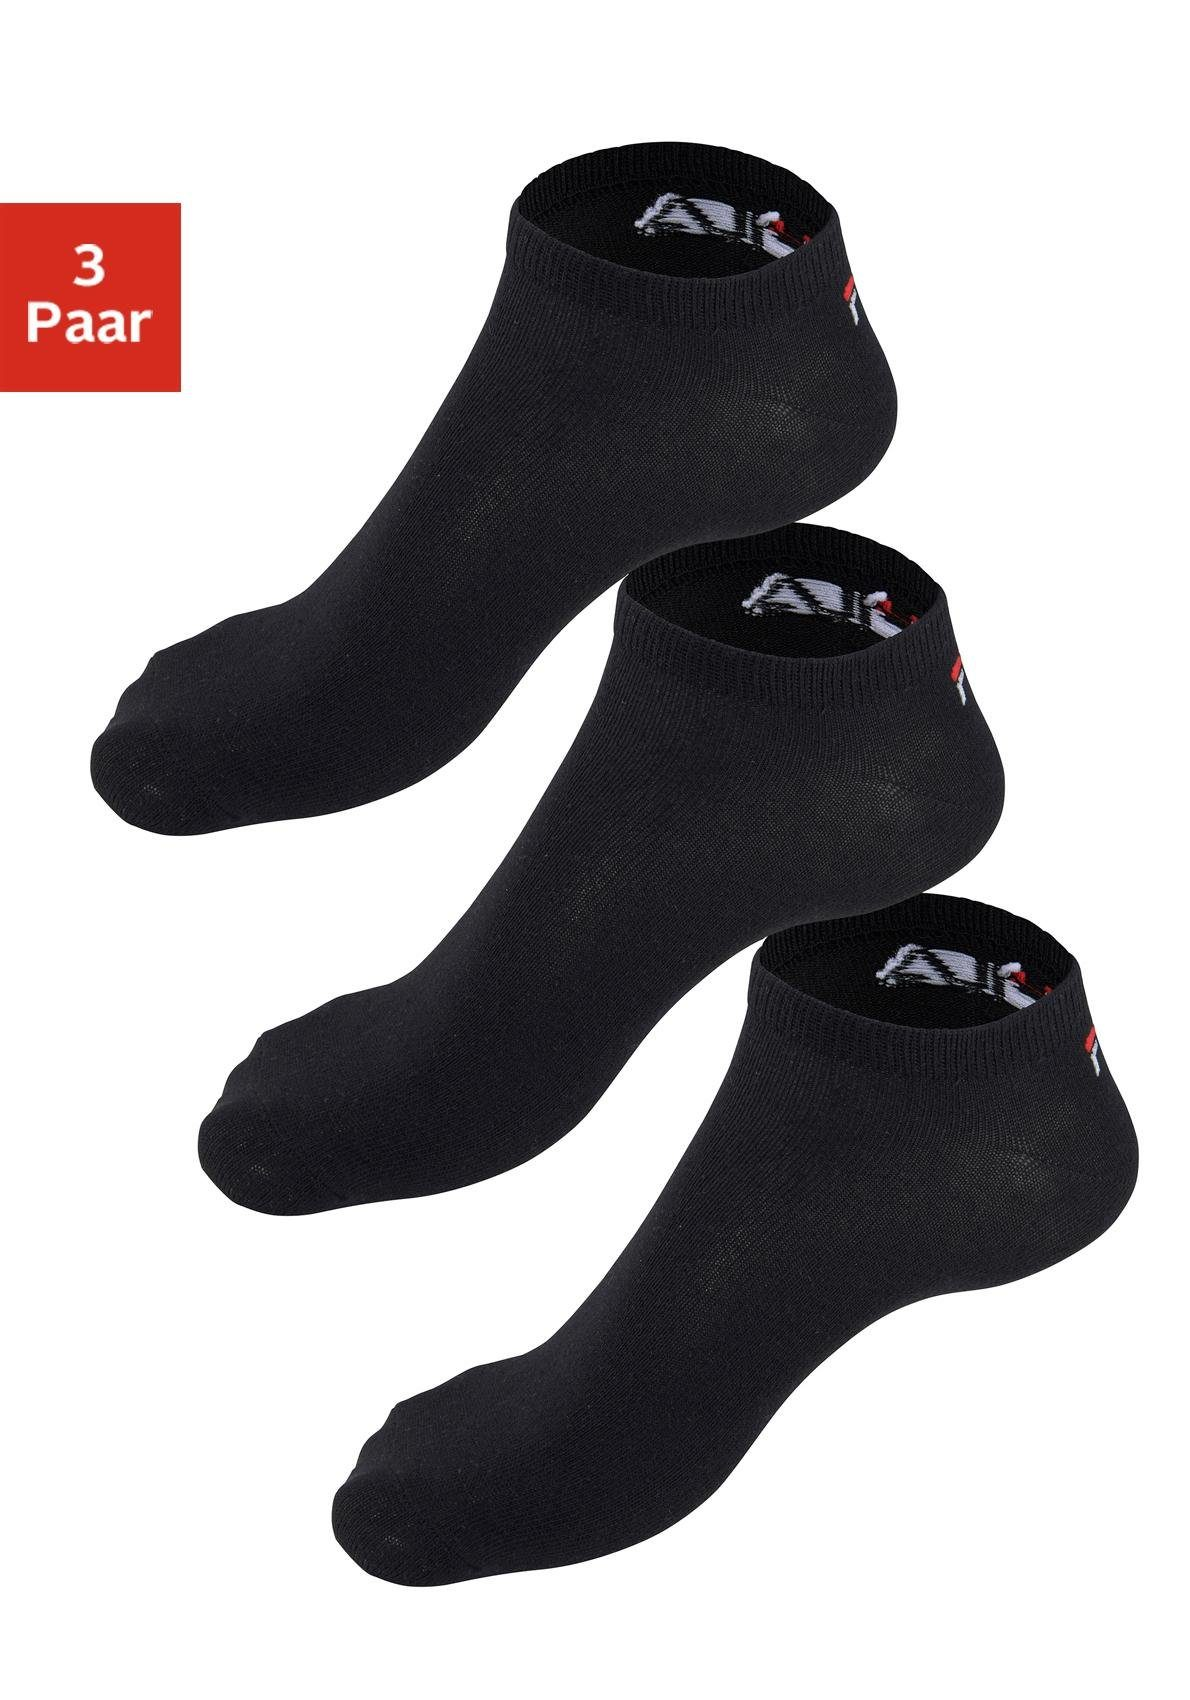 Fila Sneakersocken (3 Paar) mit eingestricktem Logo an der Ferse online kaufen | OTTO